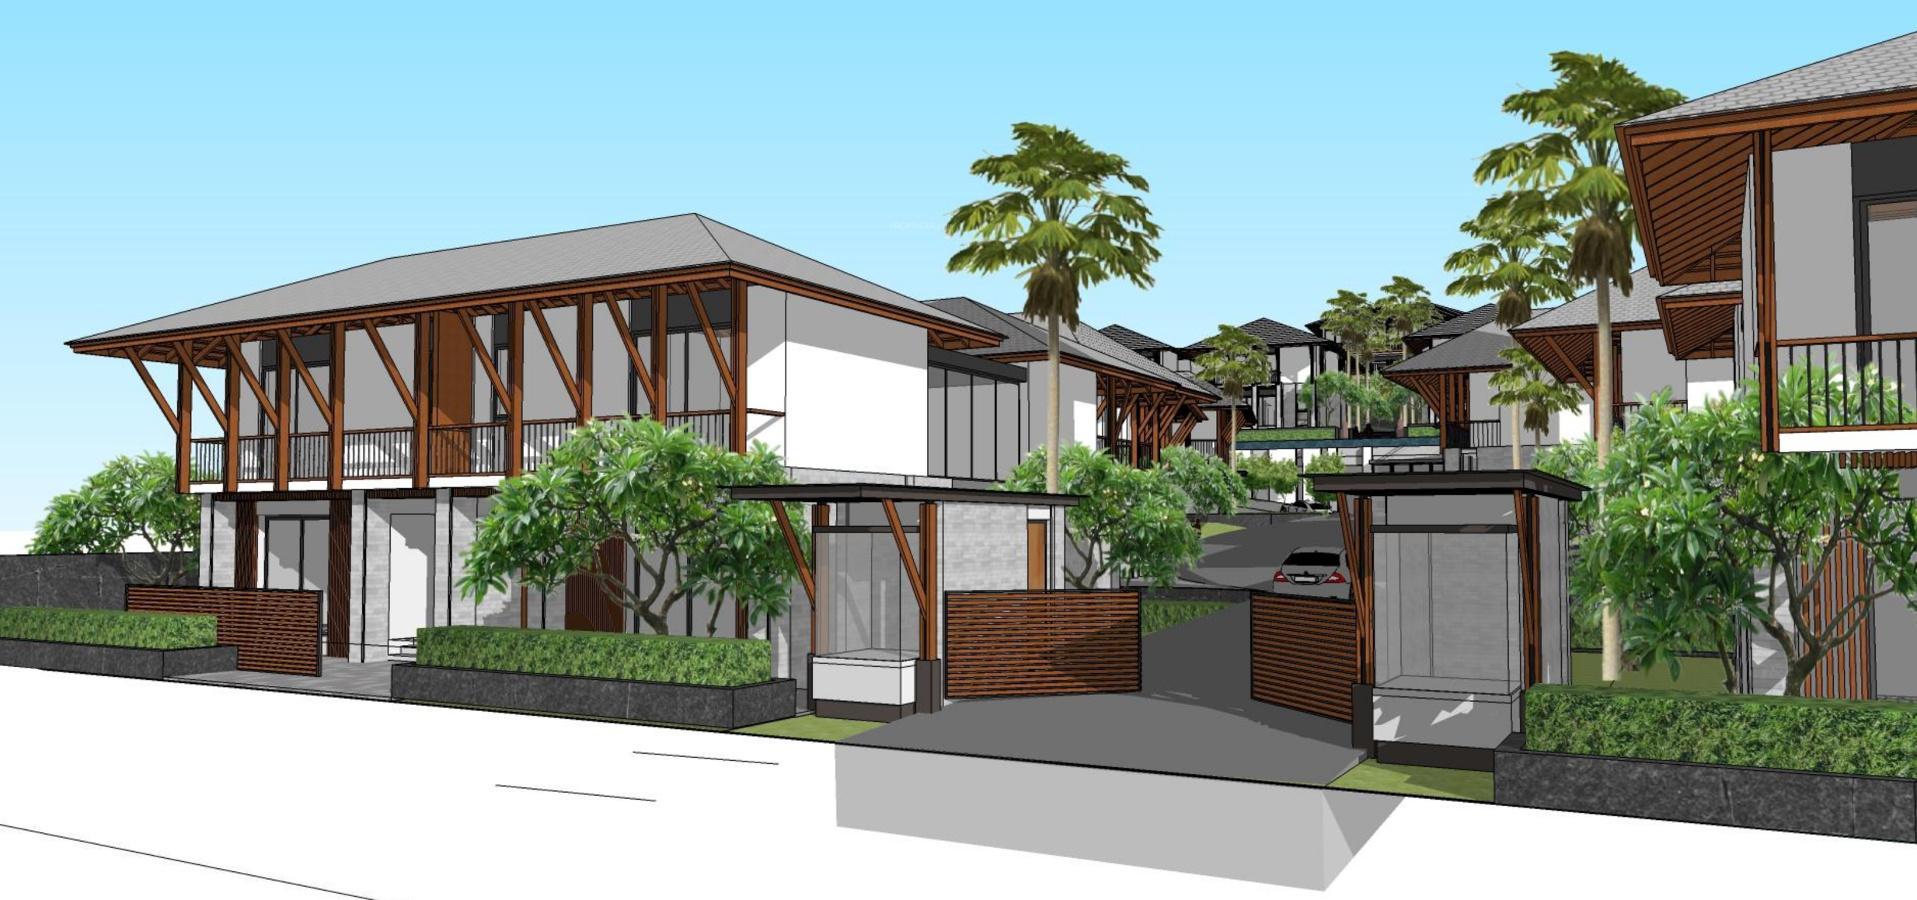 Resort Elevation Plan : Master plan sun estates developers nerul resort villas